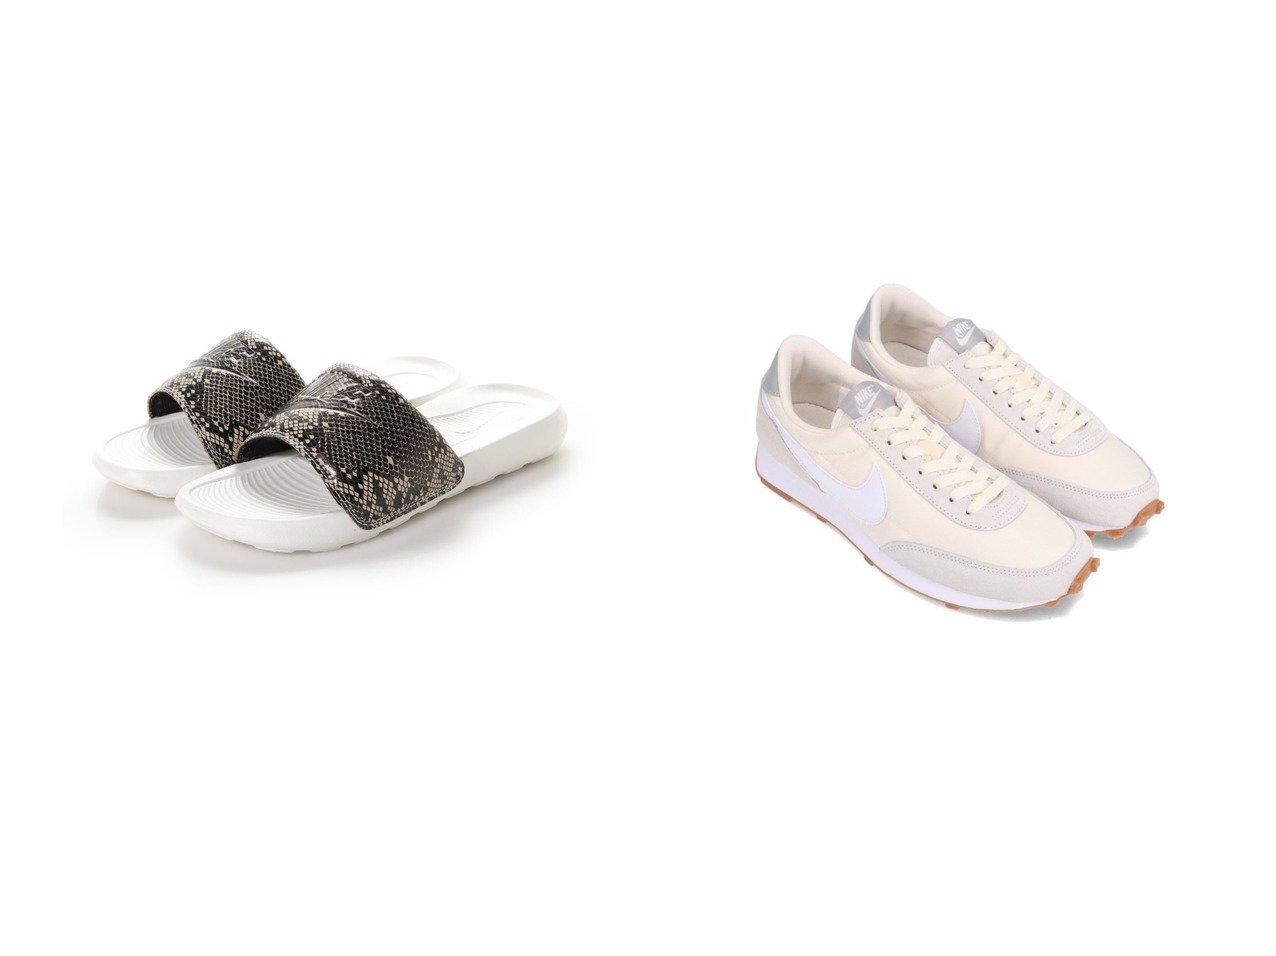 【NIKE/ナイキ】のレディース シャワーサンダル ナイキ ウィメンズ VICTORI ONE スライド プリント CN9676007&NIKE W DBREAK シューズ・靴のおすすめ!人気、トレンド・レディースファッションの通販 おすすめで人気の流行・トレンド、ファッションの通販商品 メンズファッション・キッズファッション・インテリア・家具・レディースファッション・服の通販 founy(ファニー) https://founy.com/ ファッション Fashion レディースファッション WOMEN NEW・新作・新着・新入荷 New Arrivals シューズ スニーカー スリッポン 2021年 2021 2021 春夏 S/S SS Spring/Summer 2021 S/S 春夏 SS Spring/Summer インソール クラシック サンダル スタンド ビーチ フォーム プリント ラップ 春 Spring 軽量  ID:crp329100000023339